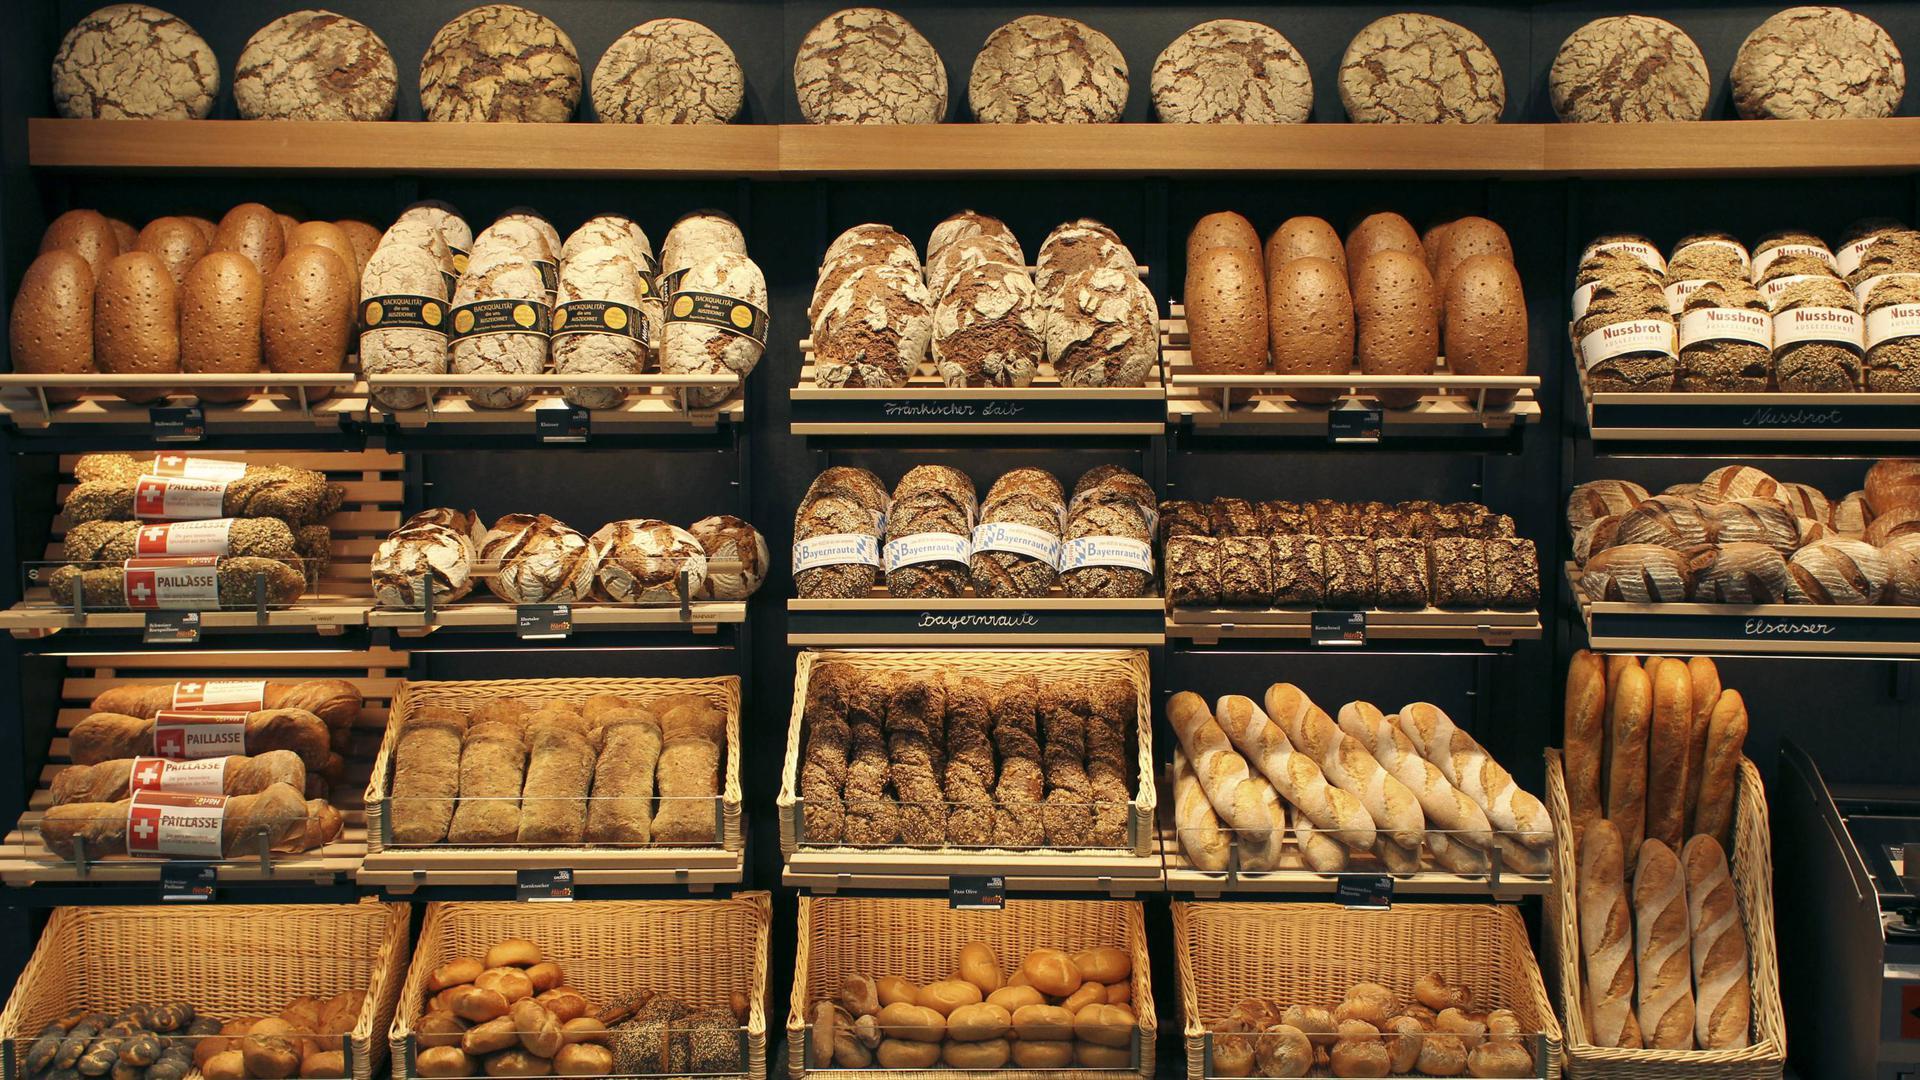 Eine Brotauslage wird auf der internationalen Bäckereiausstellung den Besuchern präsentiert.